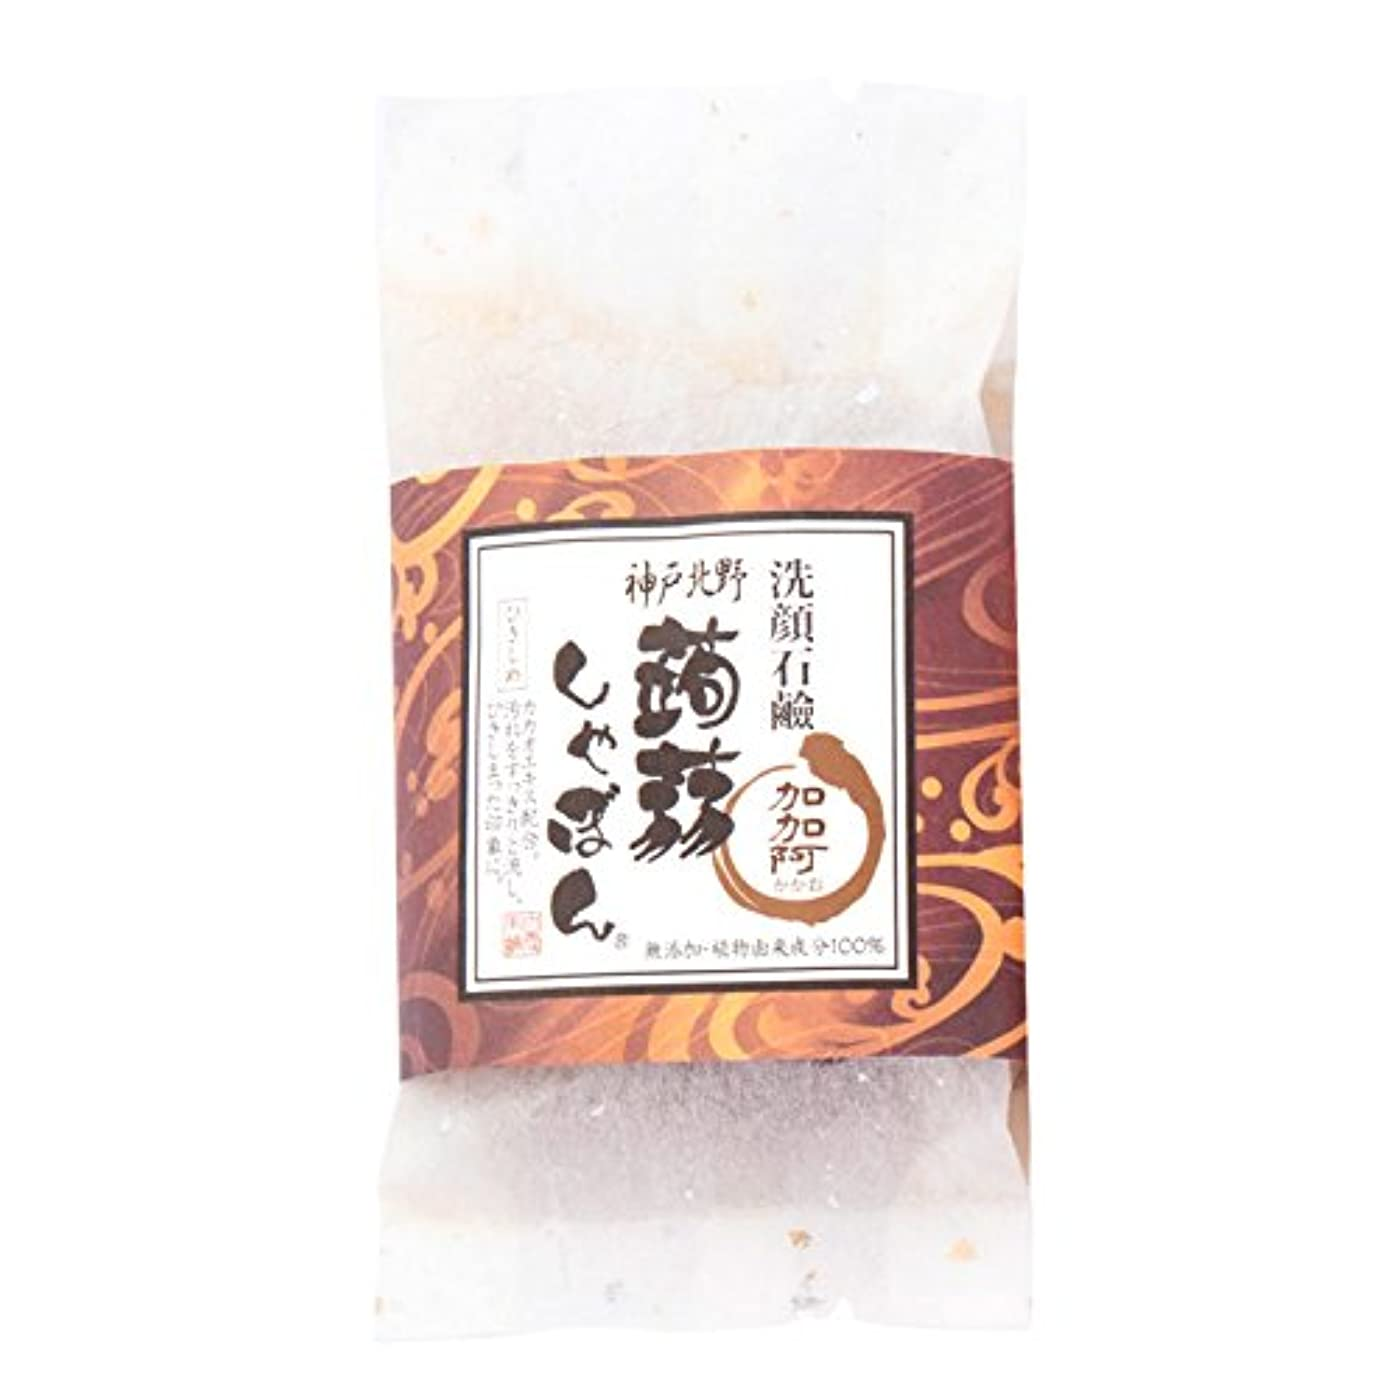 初心者つかむ褒賞神戸蒟蒻しゃぼん神戸 加加阿(かかお)